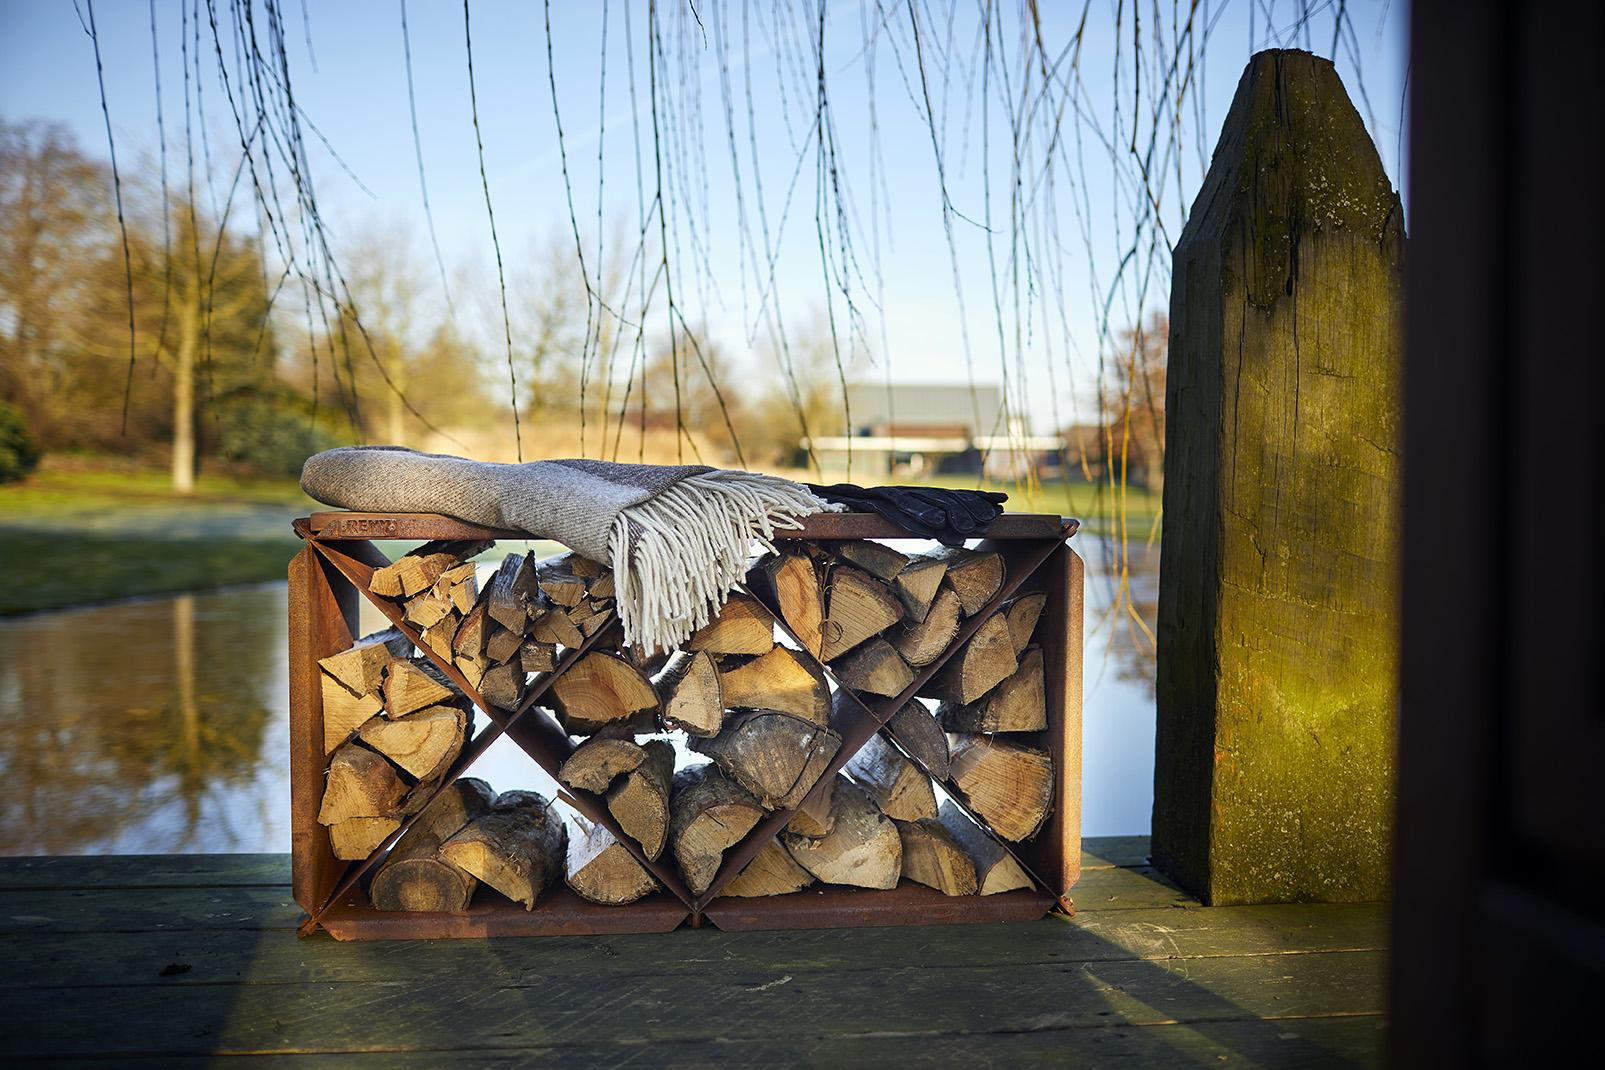 Der Woodstorage / Hocker BloX ist ein praktisches Holzlager von rb73. Hergestellt aus 2 mm Cortenstahl. Es ist ein schönes Accessoire für den Gartenkamin und bildet eine schöne und attraktive…